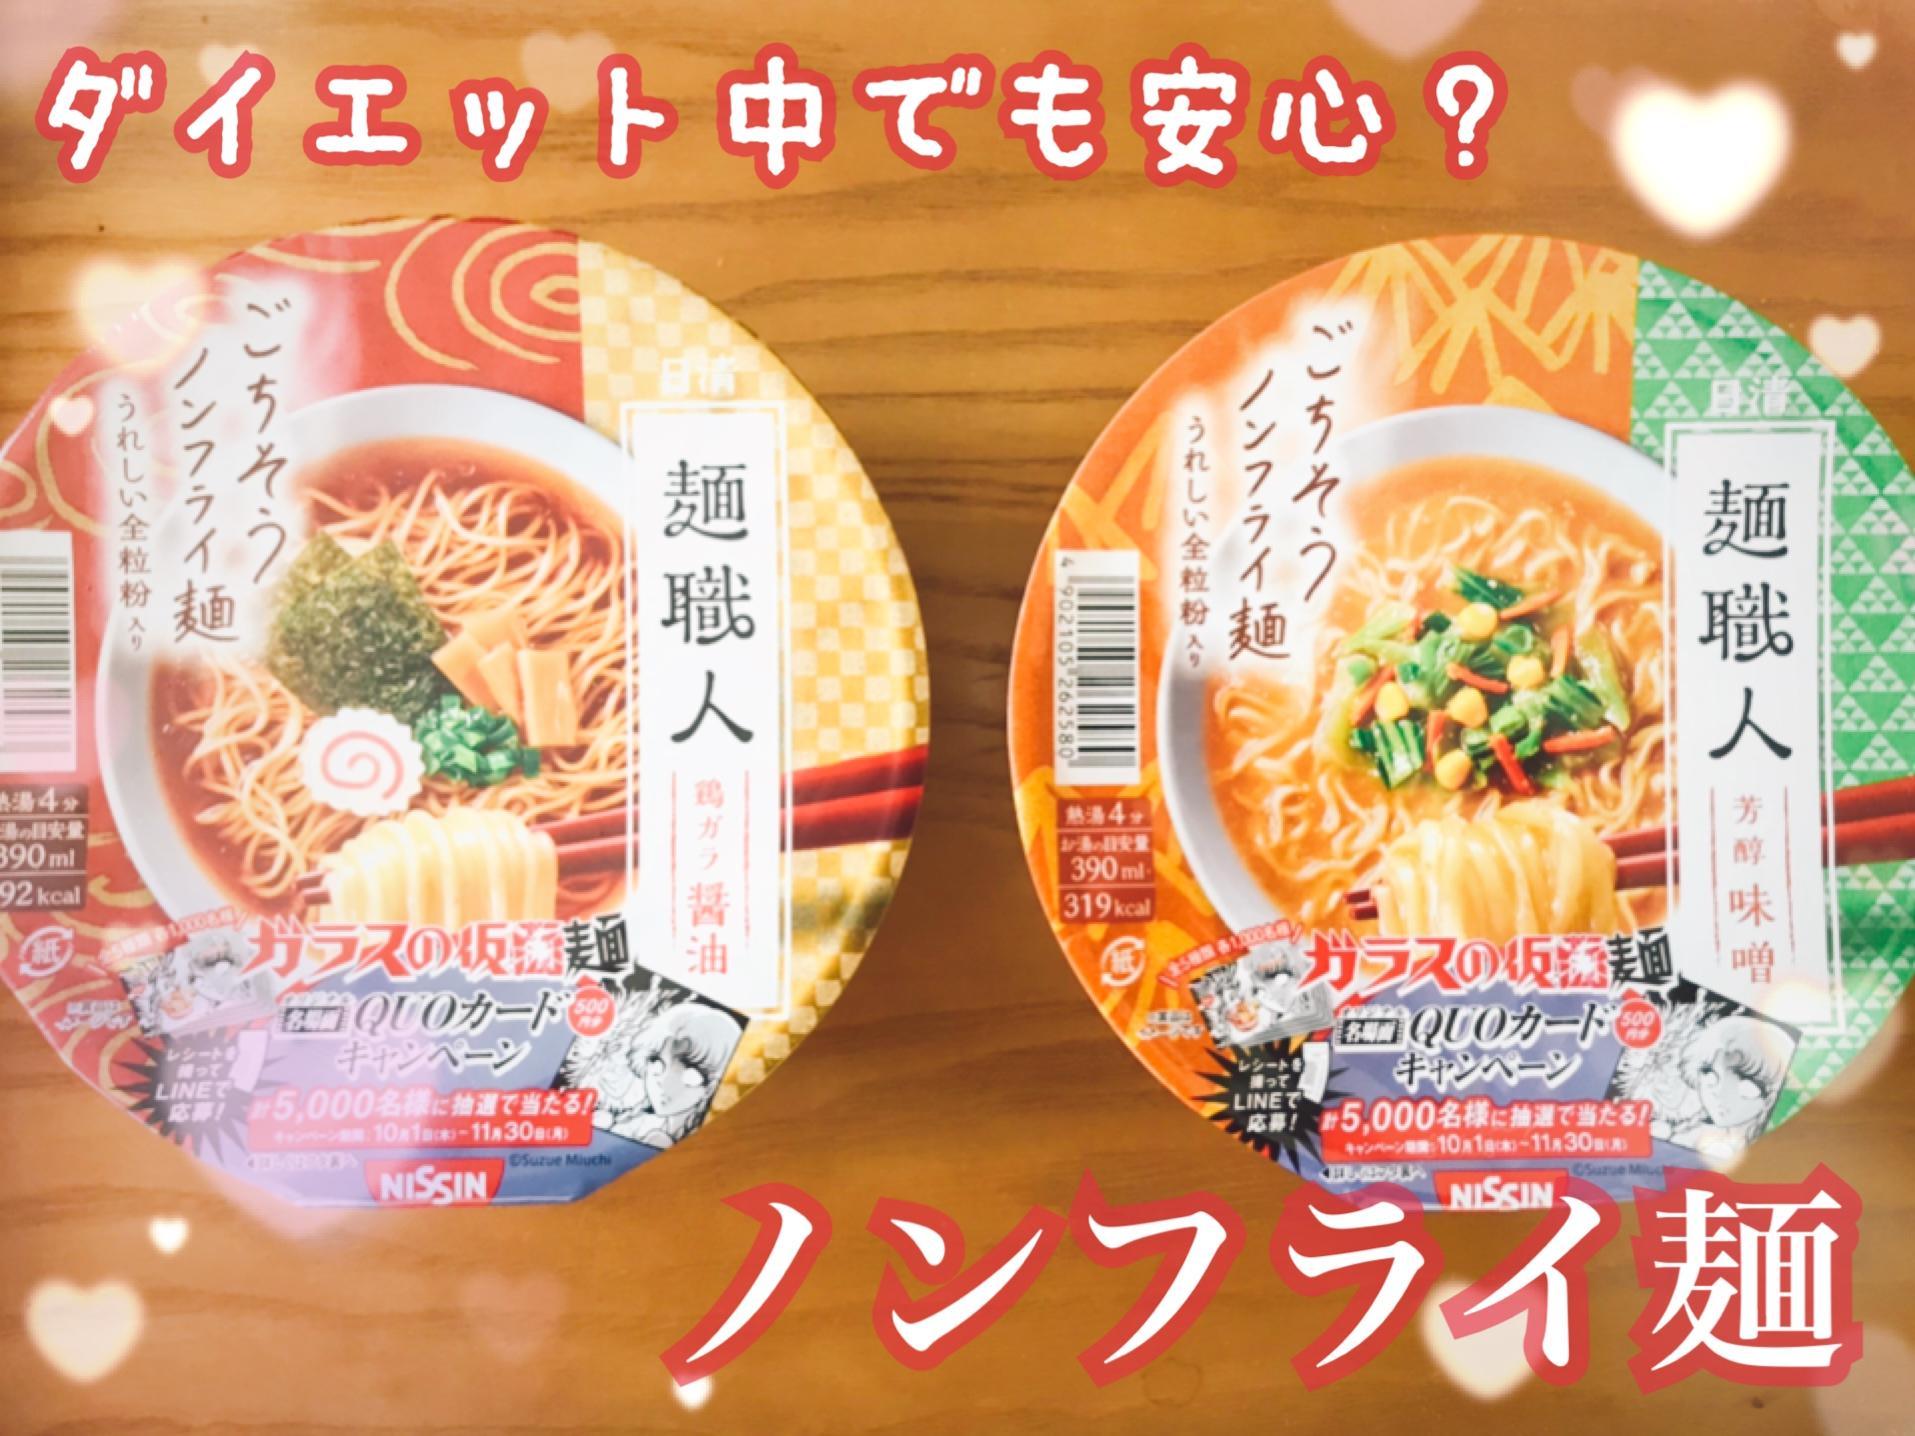 麺職人【ごちそうノンフライ麺全粒粉入り】